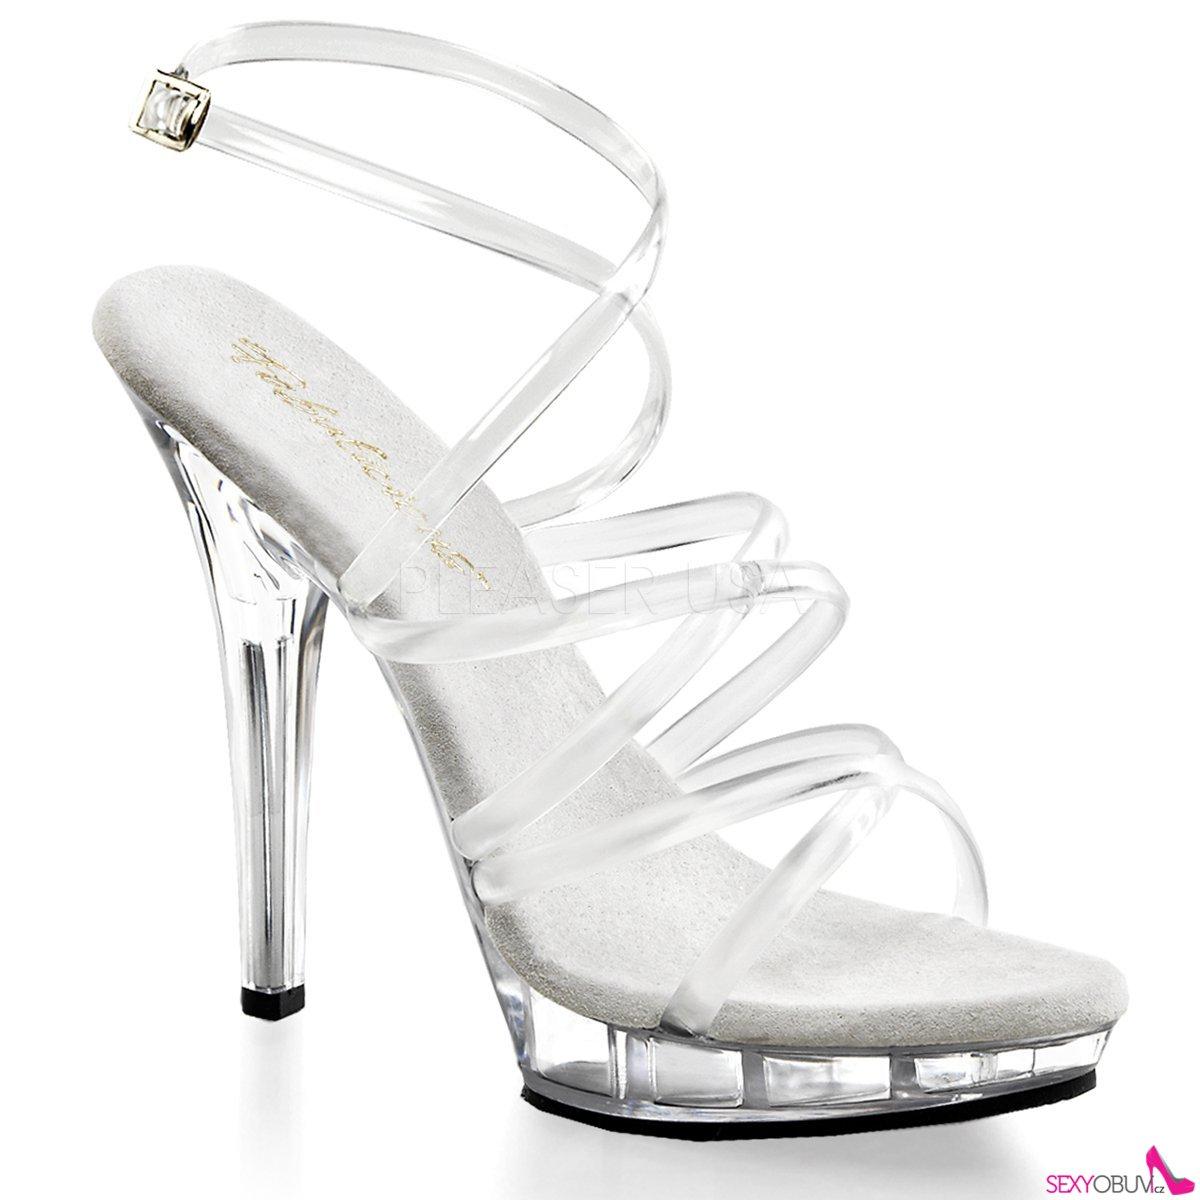 f266bc4d29 LIP-106 Páskové průhledné společenské boty na podpatku